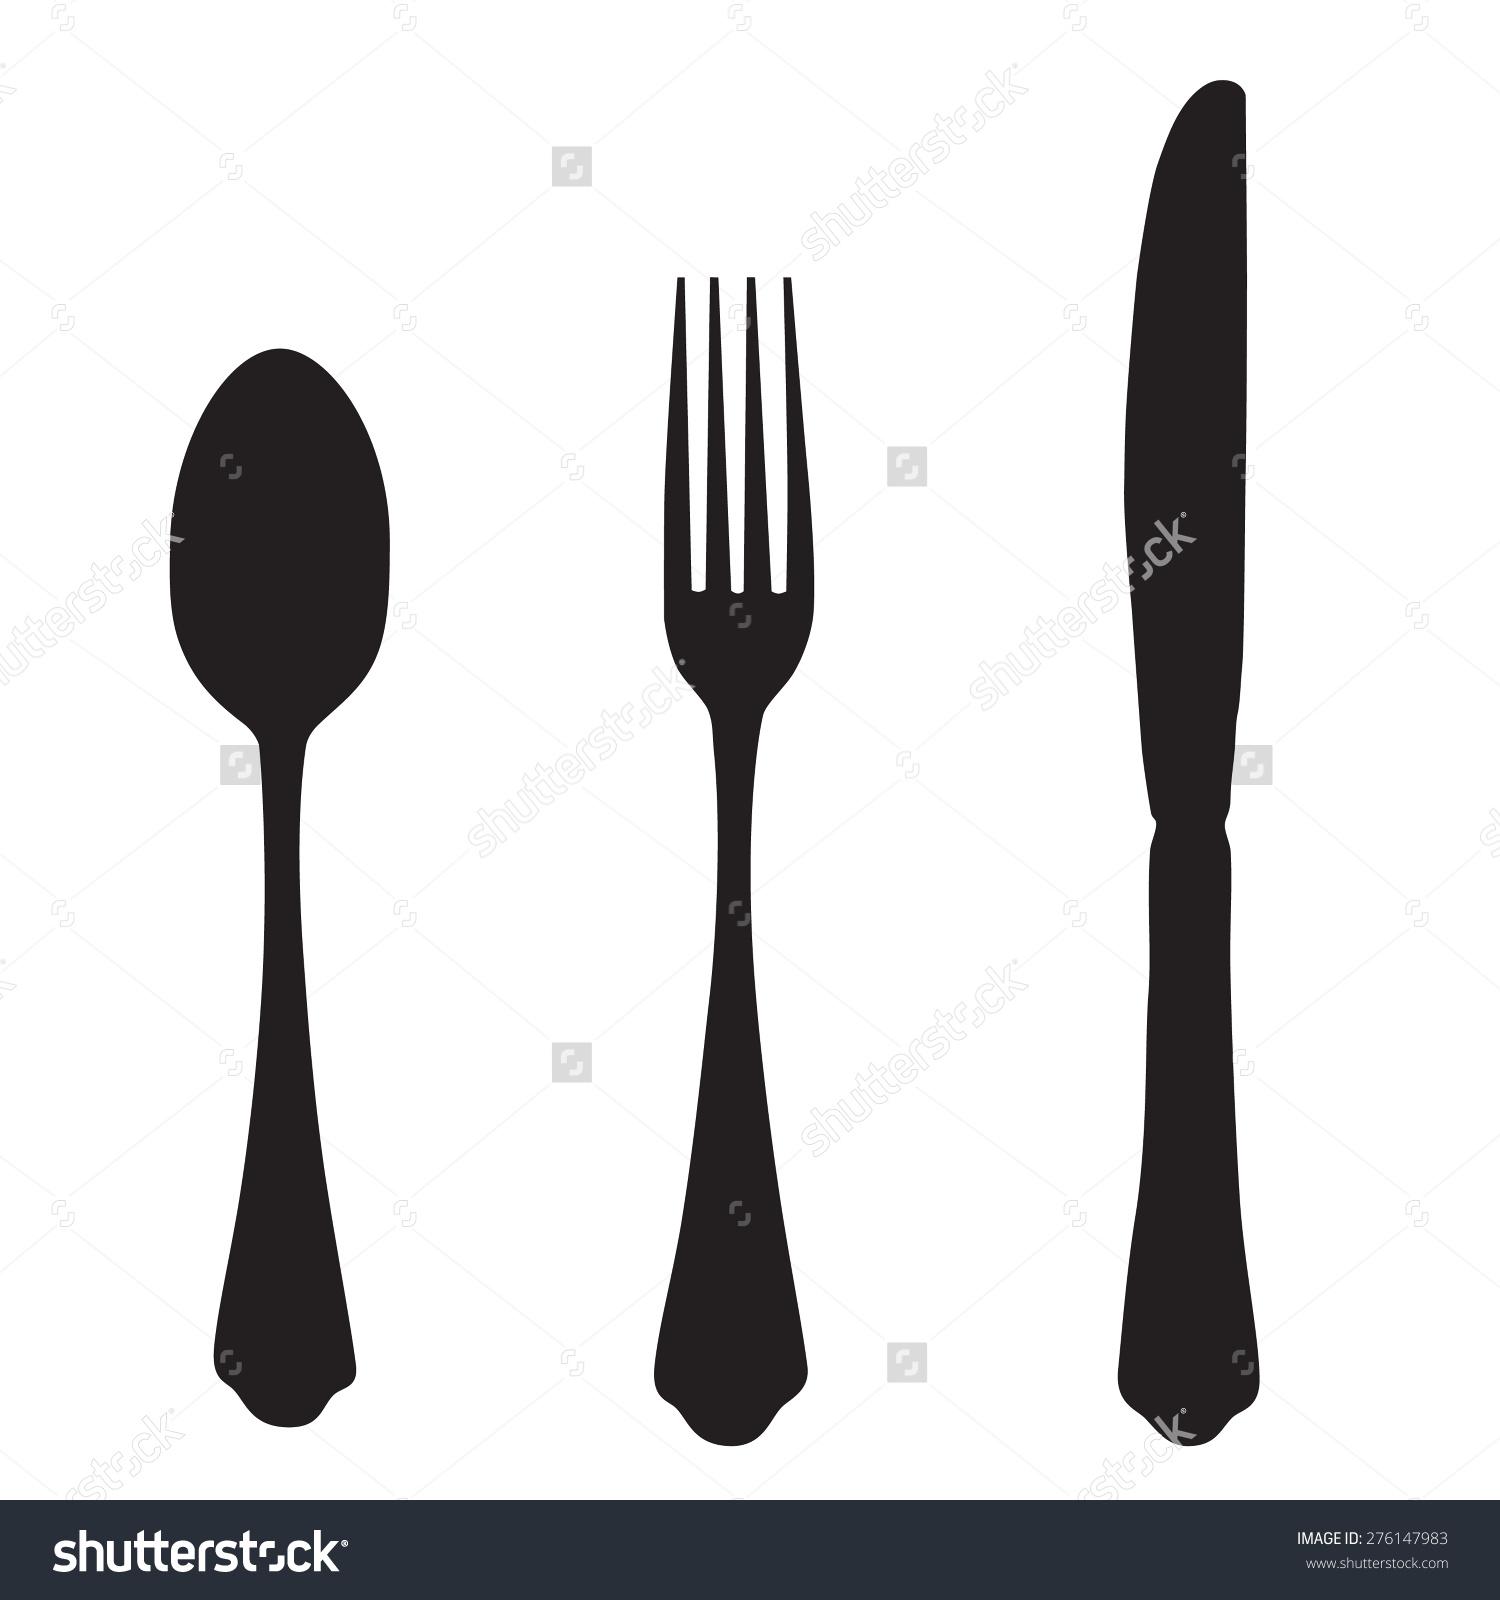 Black Silhouette Fork Knife Spoon Vector Stock Vector 276147983.